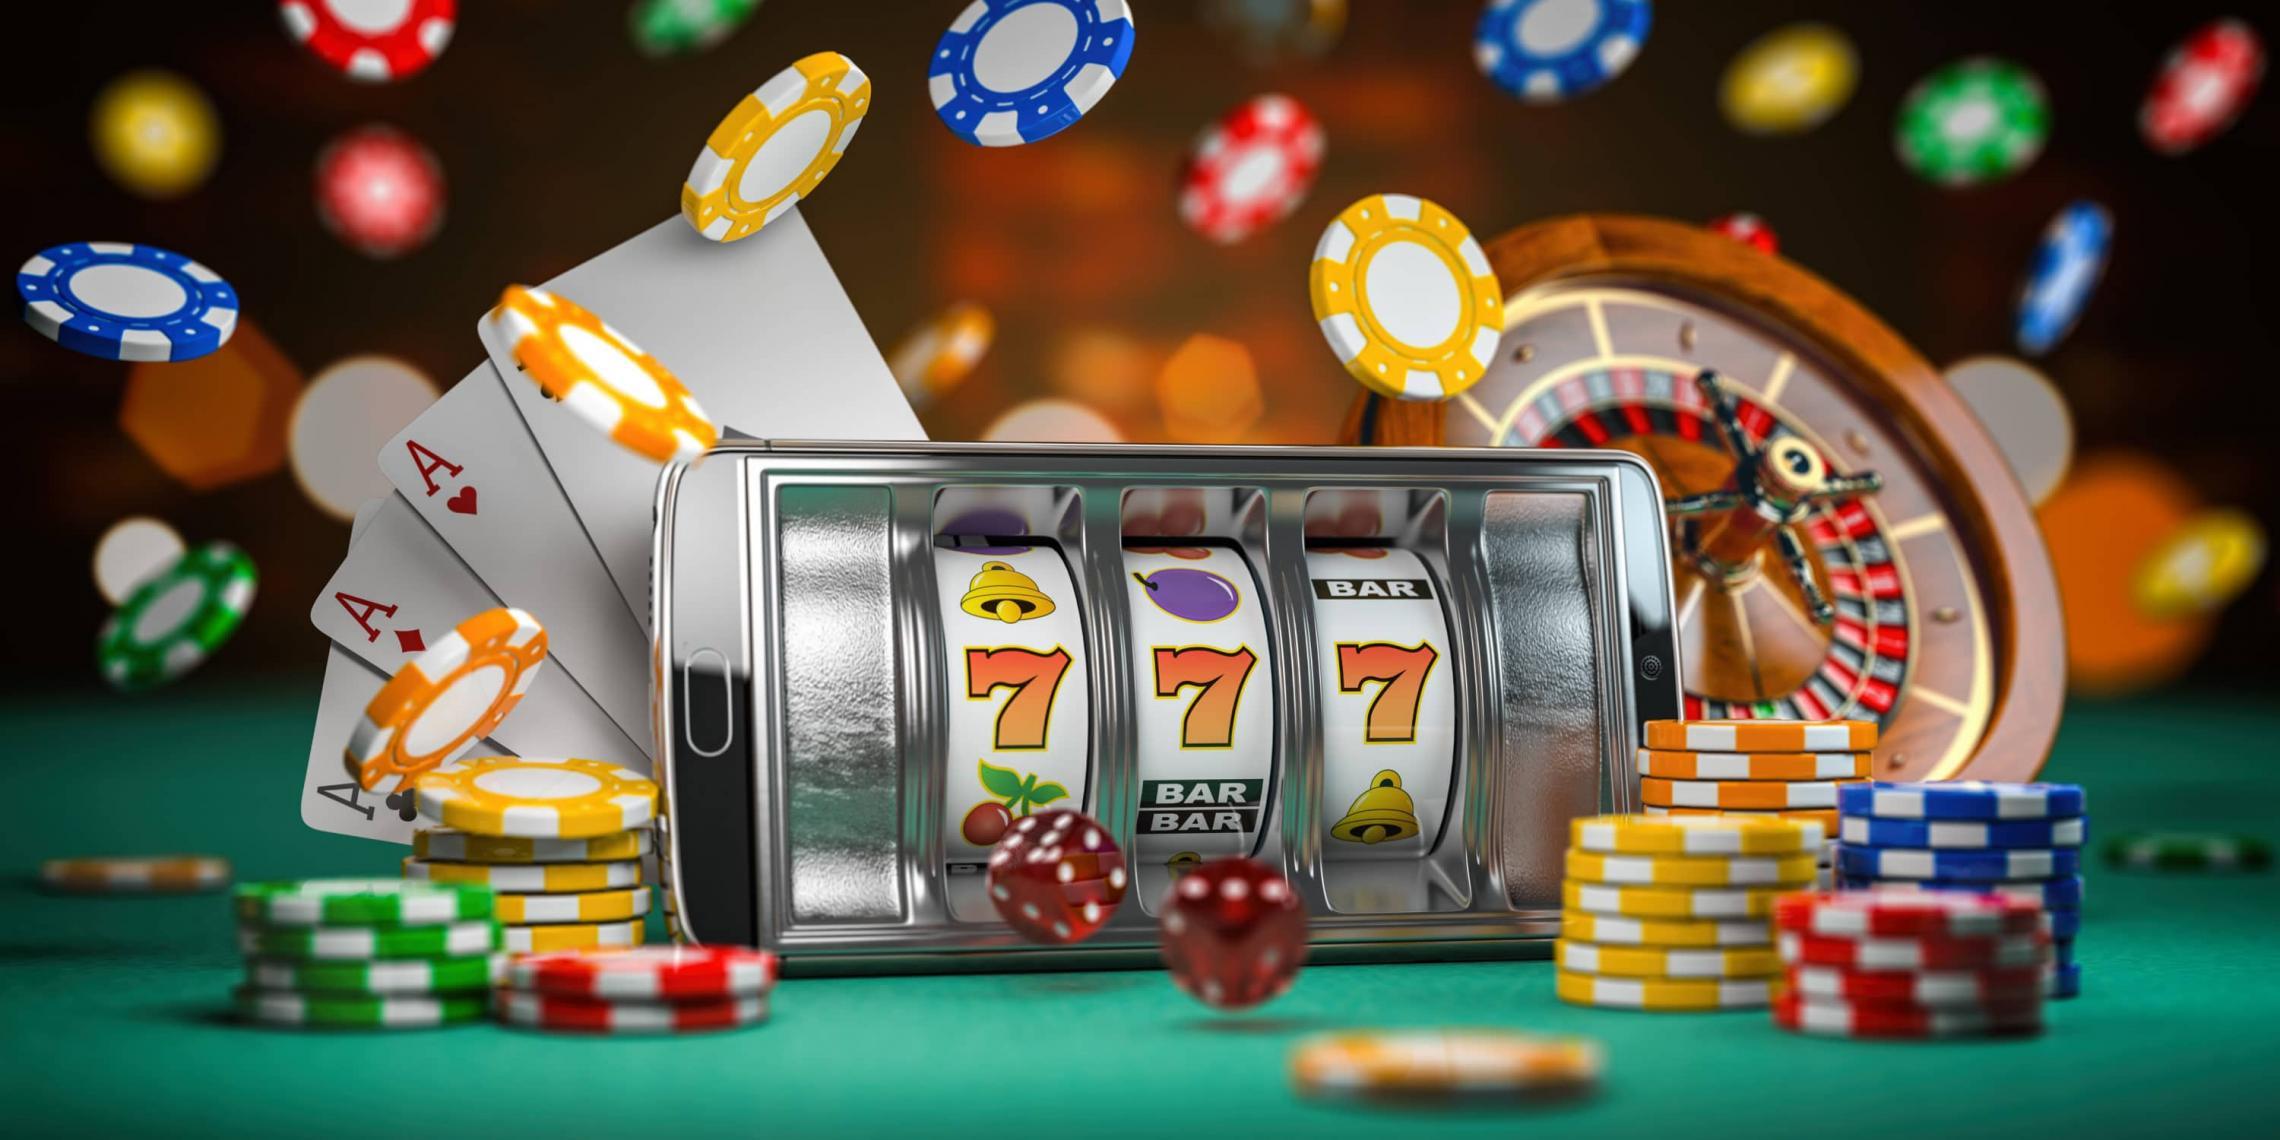 Merkmale eines guten Online Casino